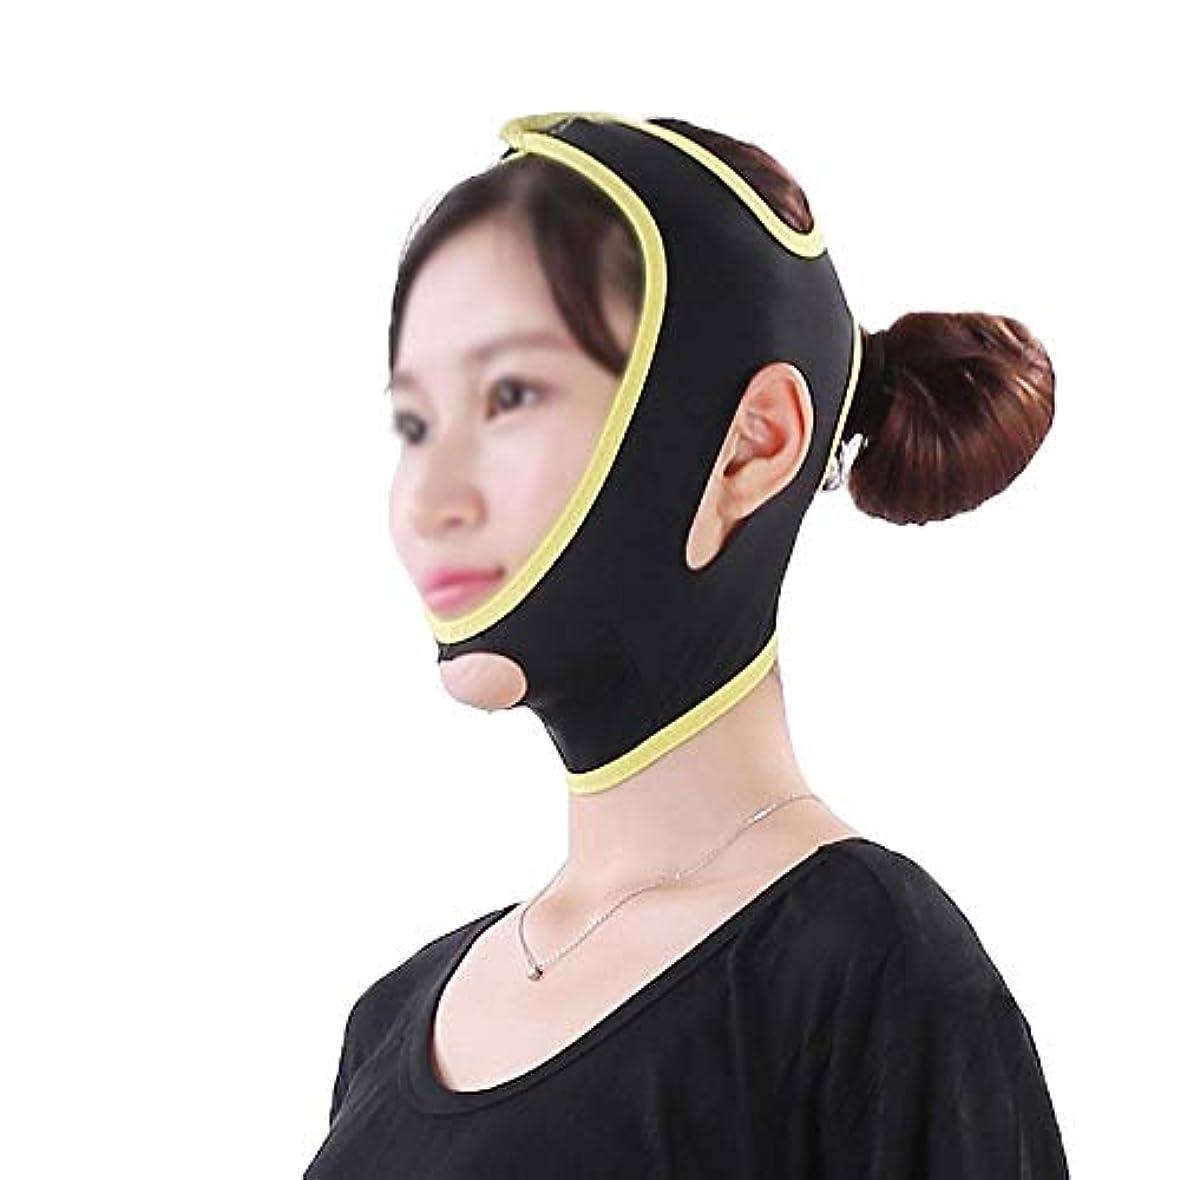 悪因子特許スキニーTLMY フェイス&ネックリフトシンフェイスマスクパワフルマスクフェイスリフトアーチファクトフェイスリフトフェイスツールシンフェイス包帯シンフェイスマスク美容マスク 顔用整形マスク (Size : L)